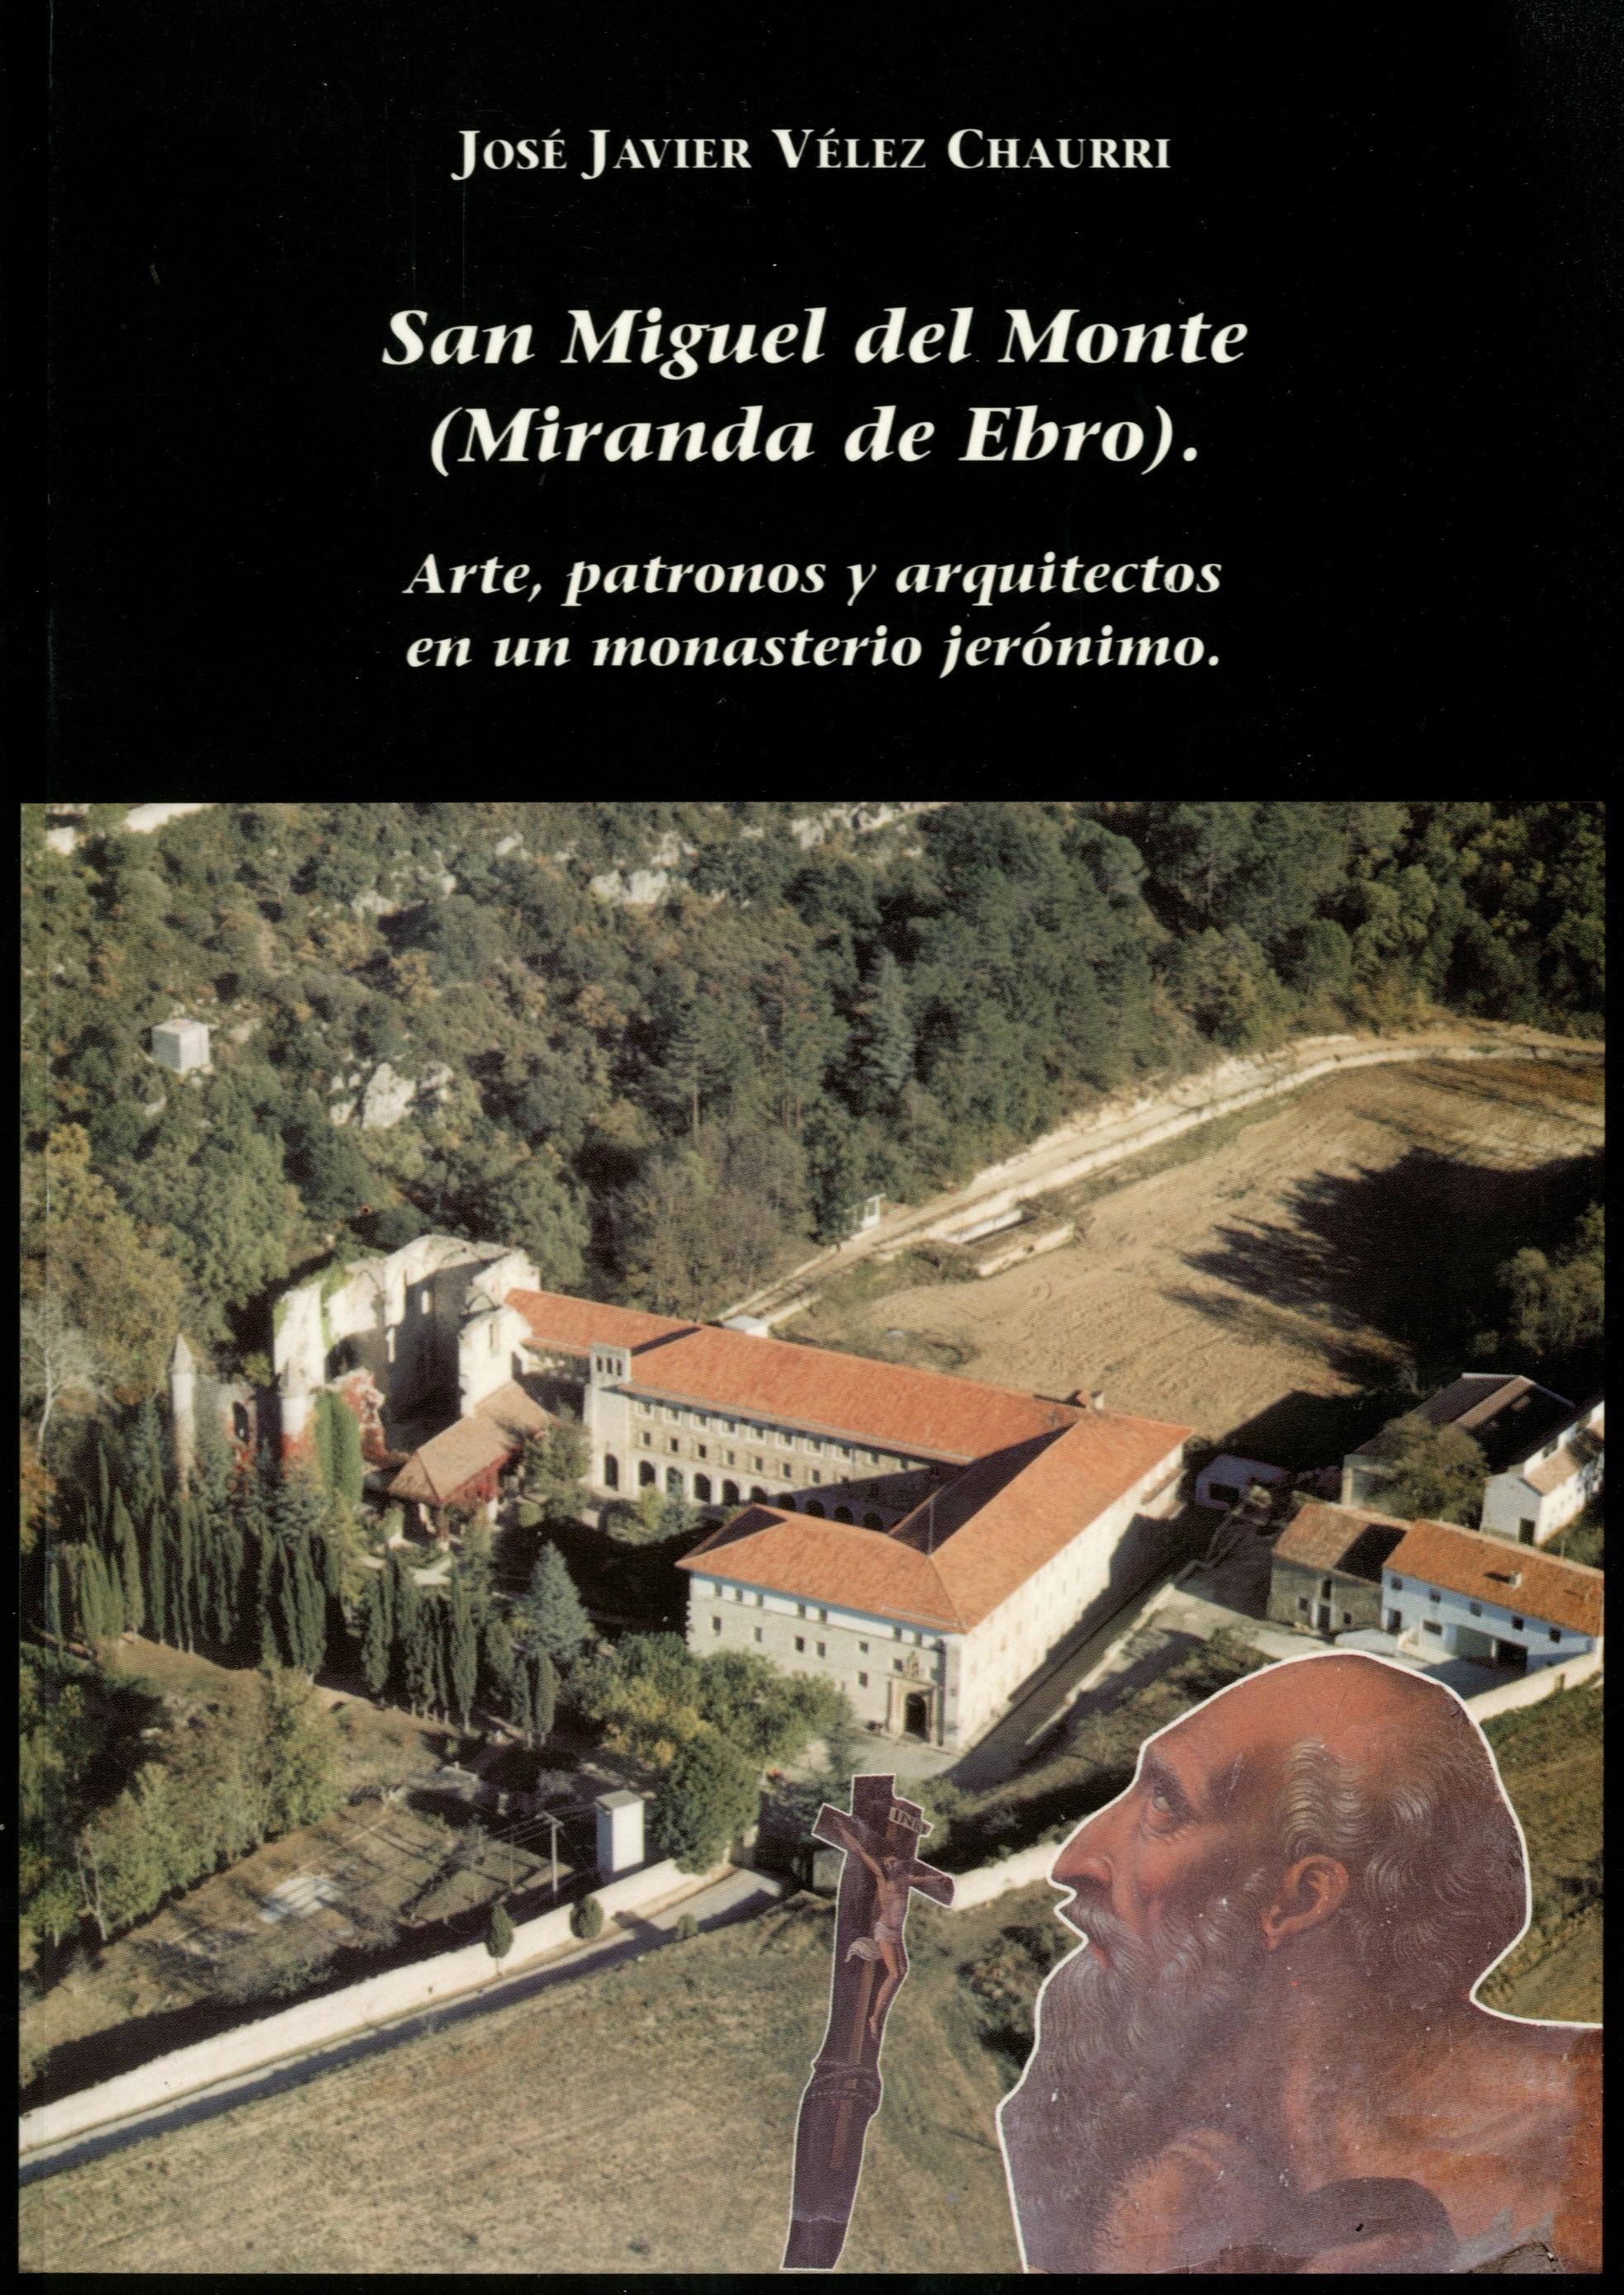 Ayuntamiento de miranda de ebro san miguel del monte for Decoracion 88 miranda de ebro